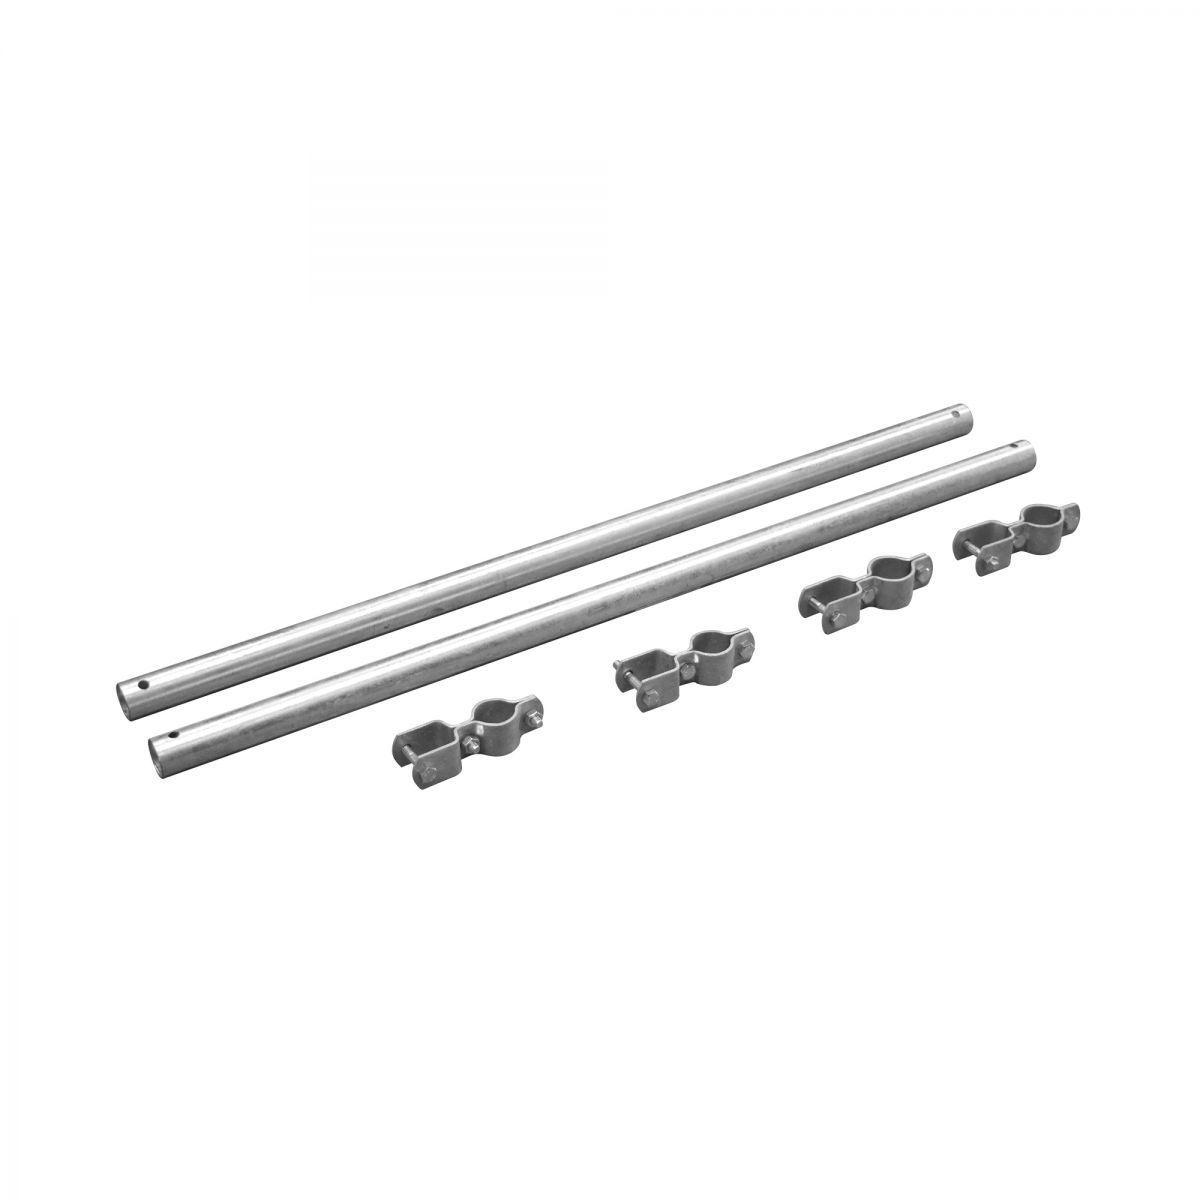 set le tube entretoise 1 x 1 avec colliers de fixation pour fs avec lport